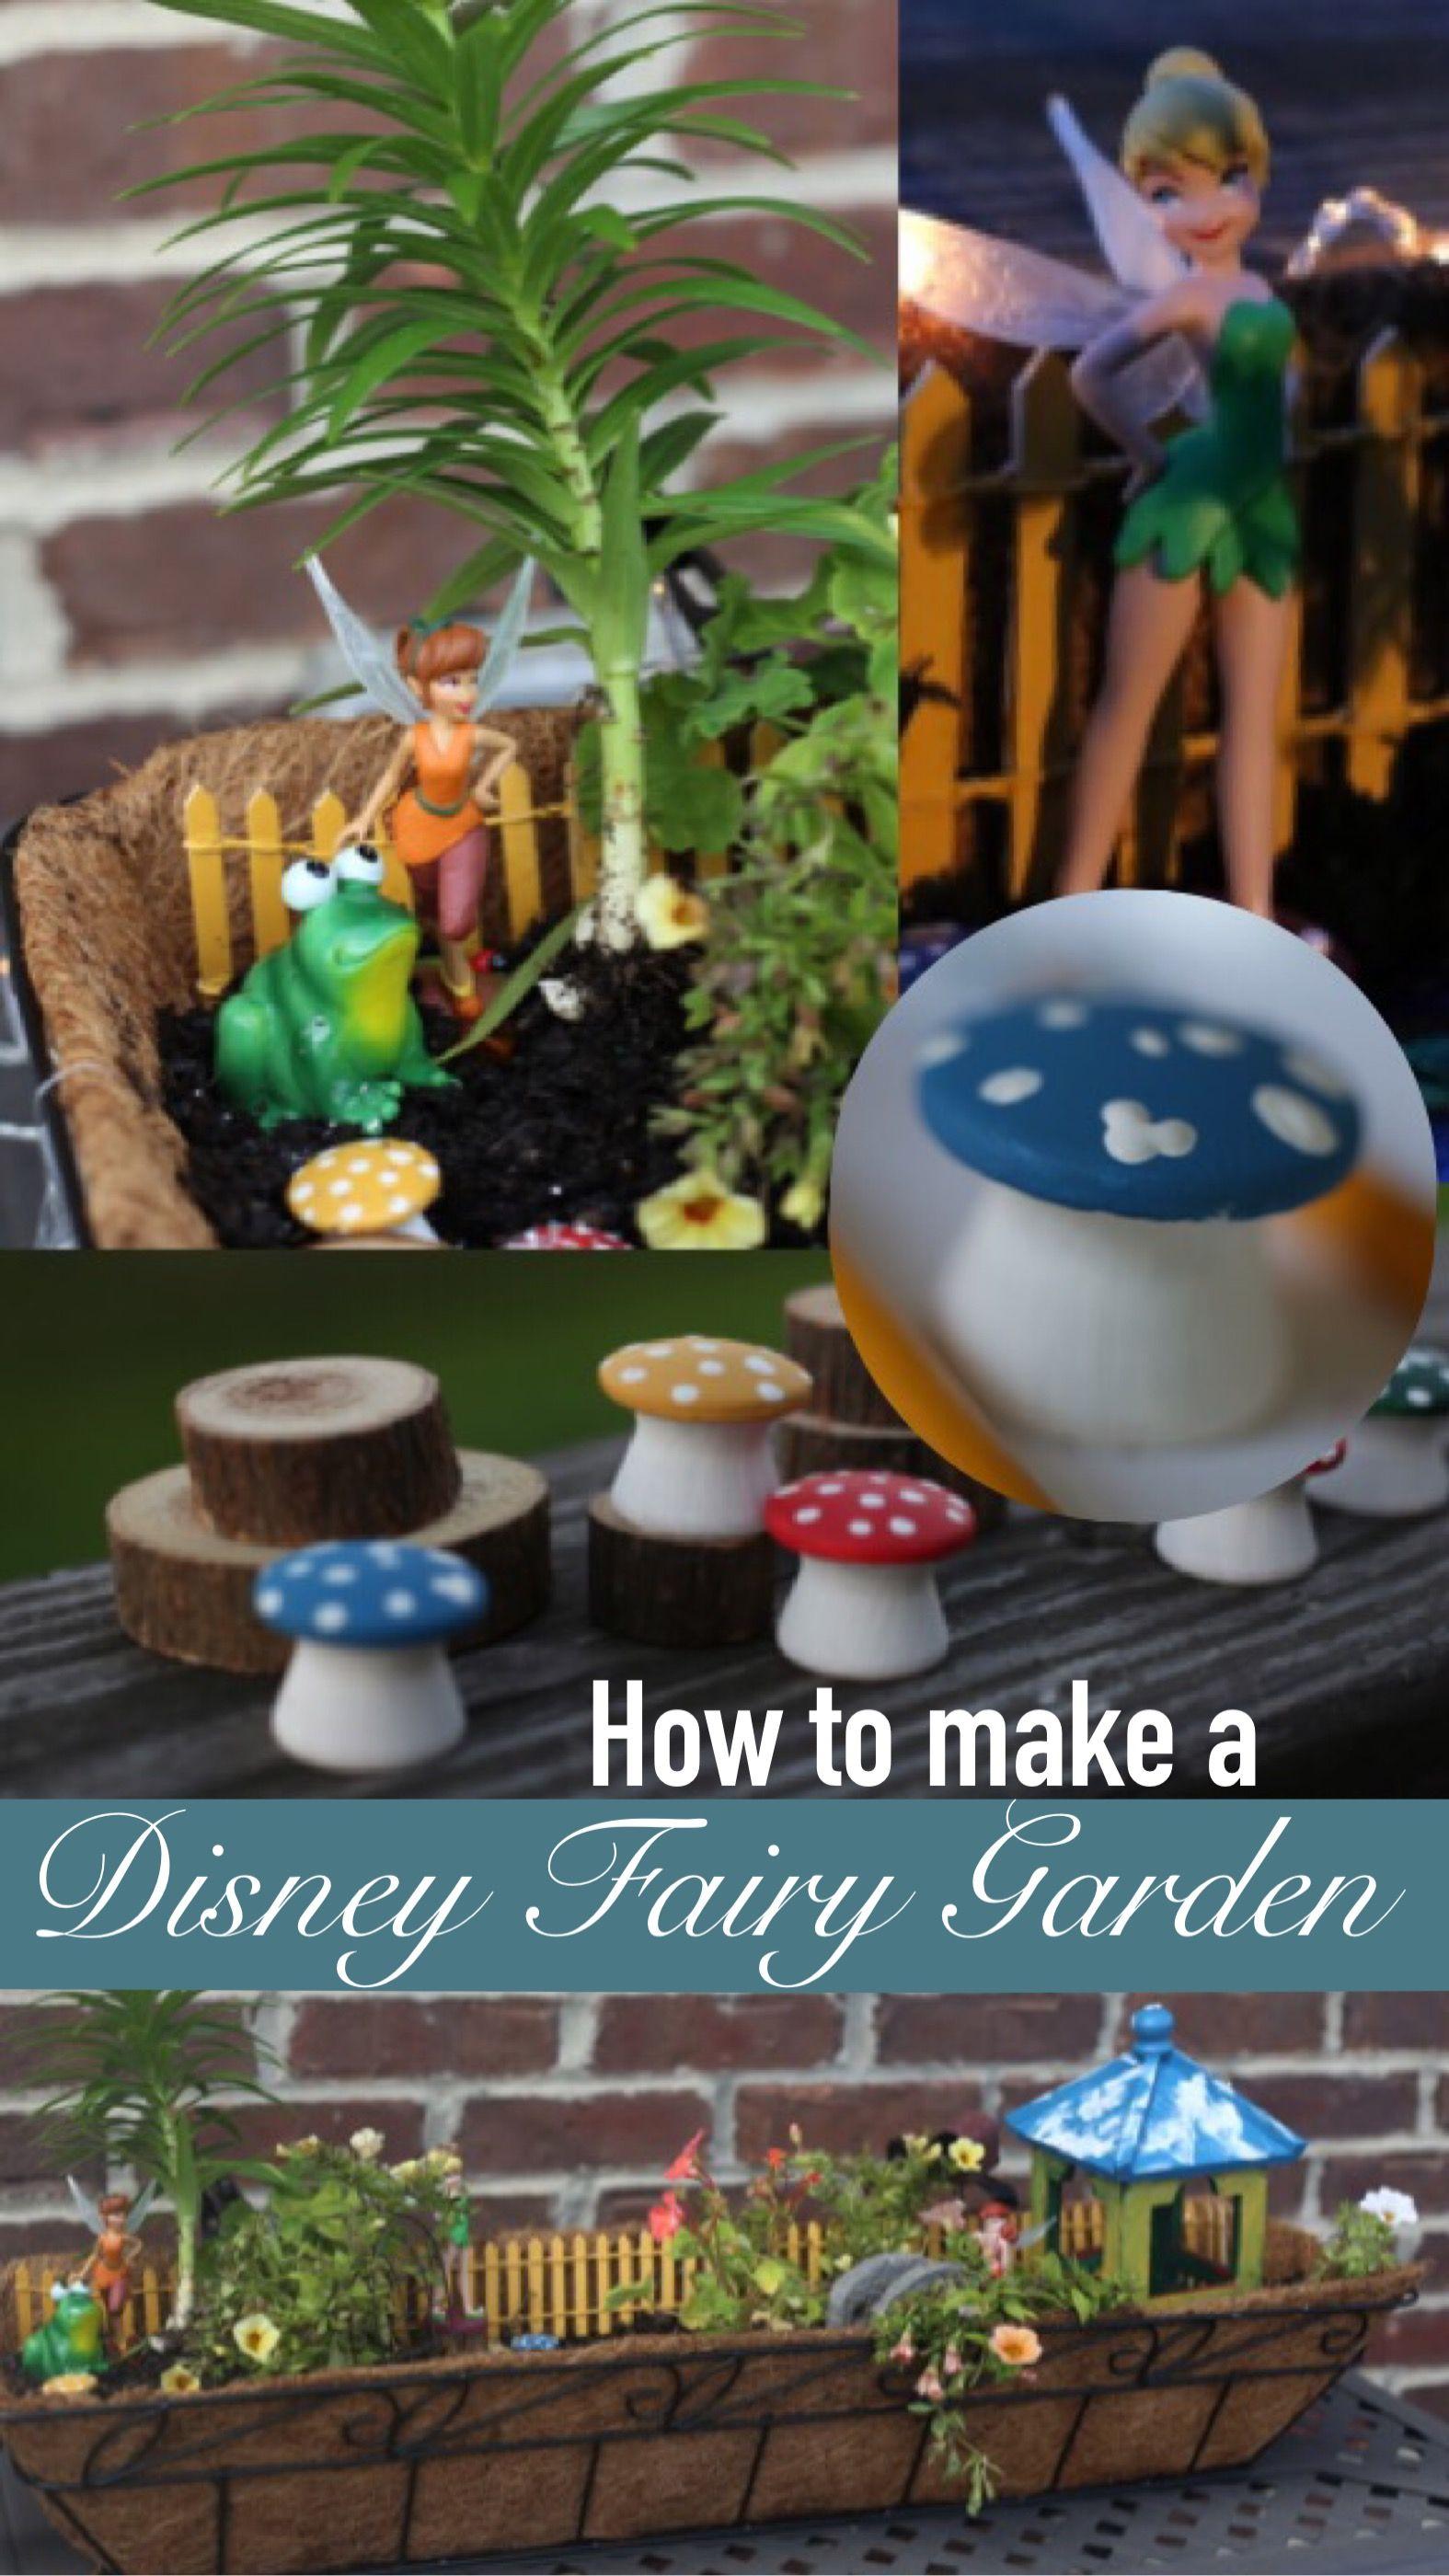 Make a Disney Fairy Garden | More Disney fairies ideas